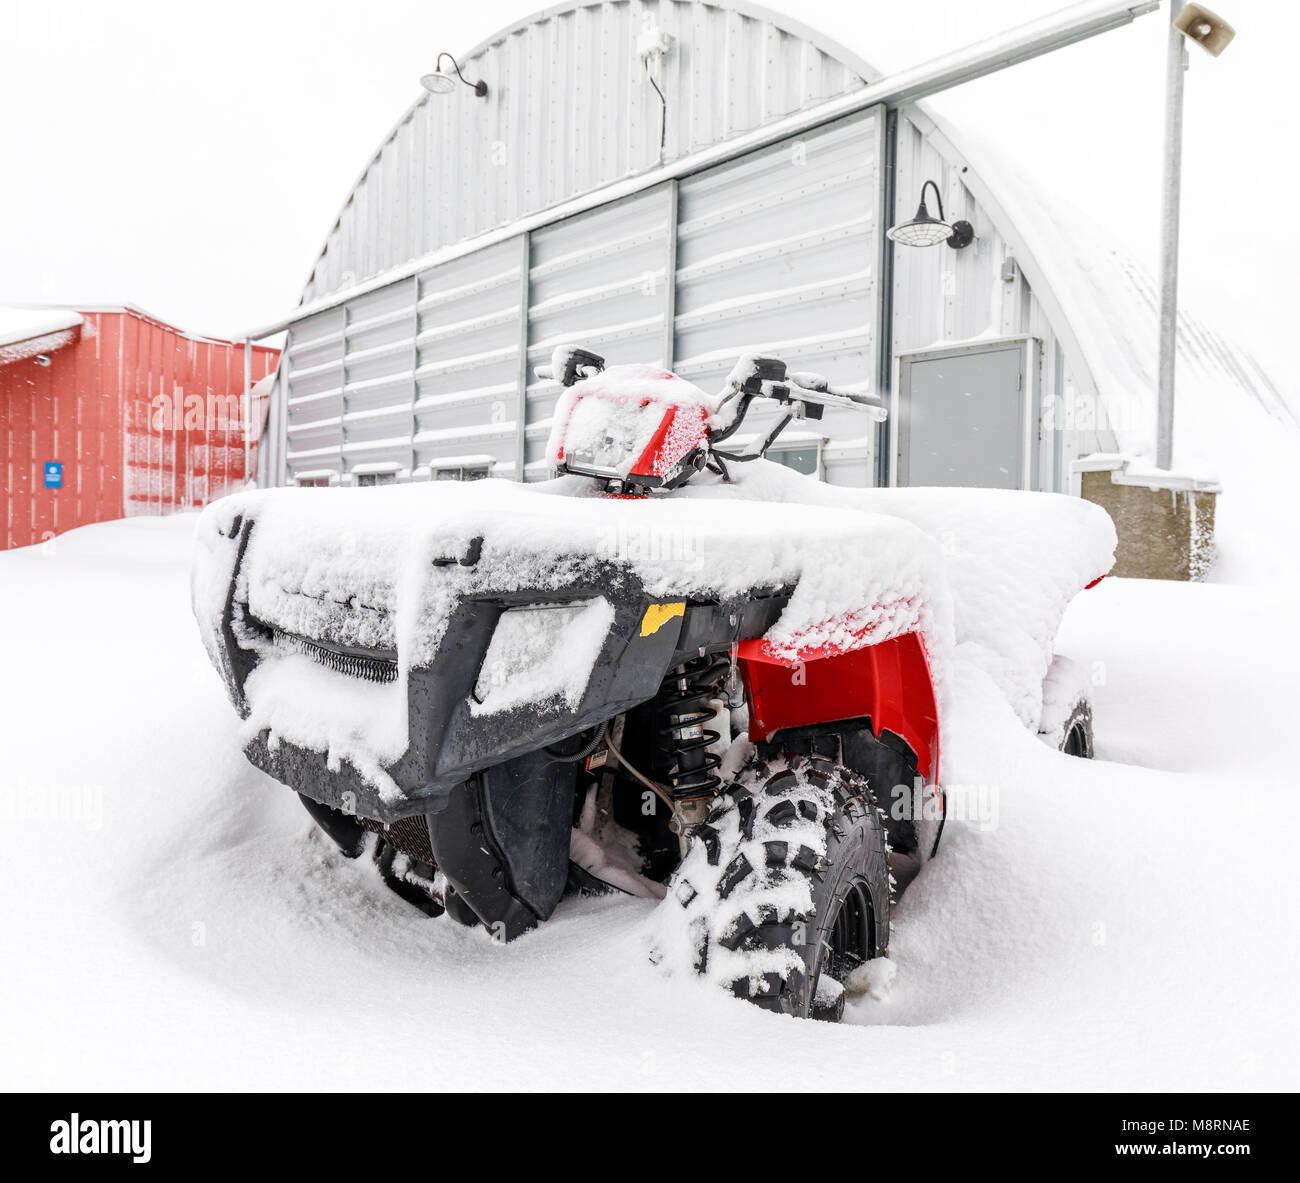 Vehículo todo terreno, 4 Wheeler ATV, en la nieve, Manitoba, Canadá. Imagen De Stock